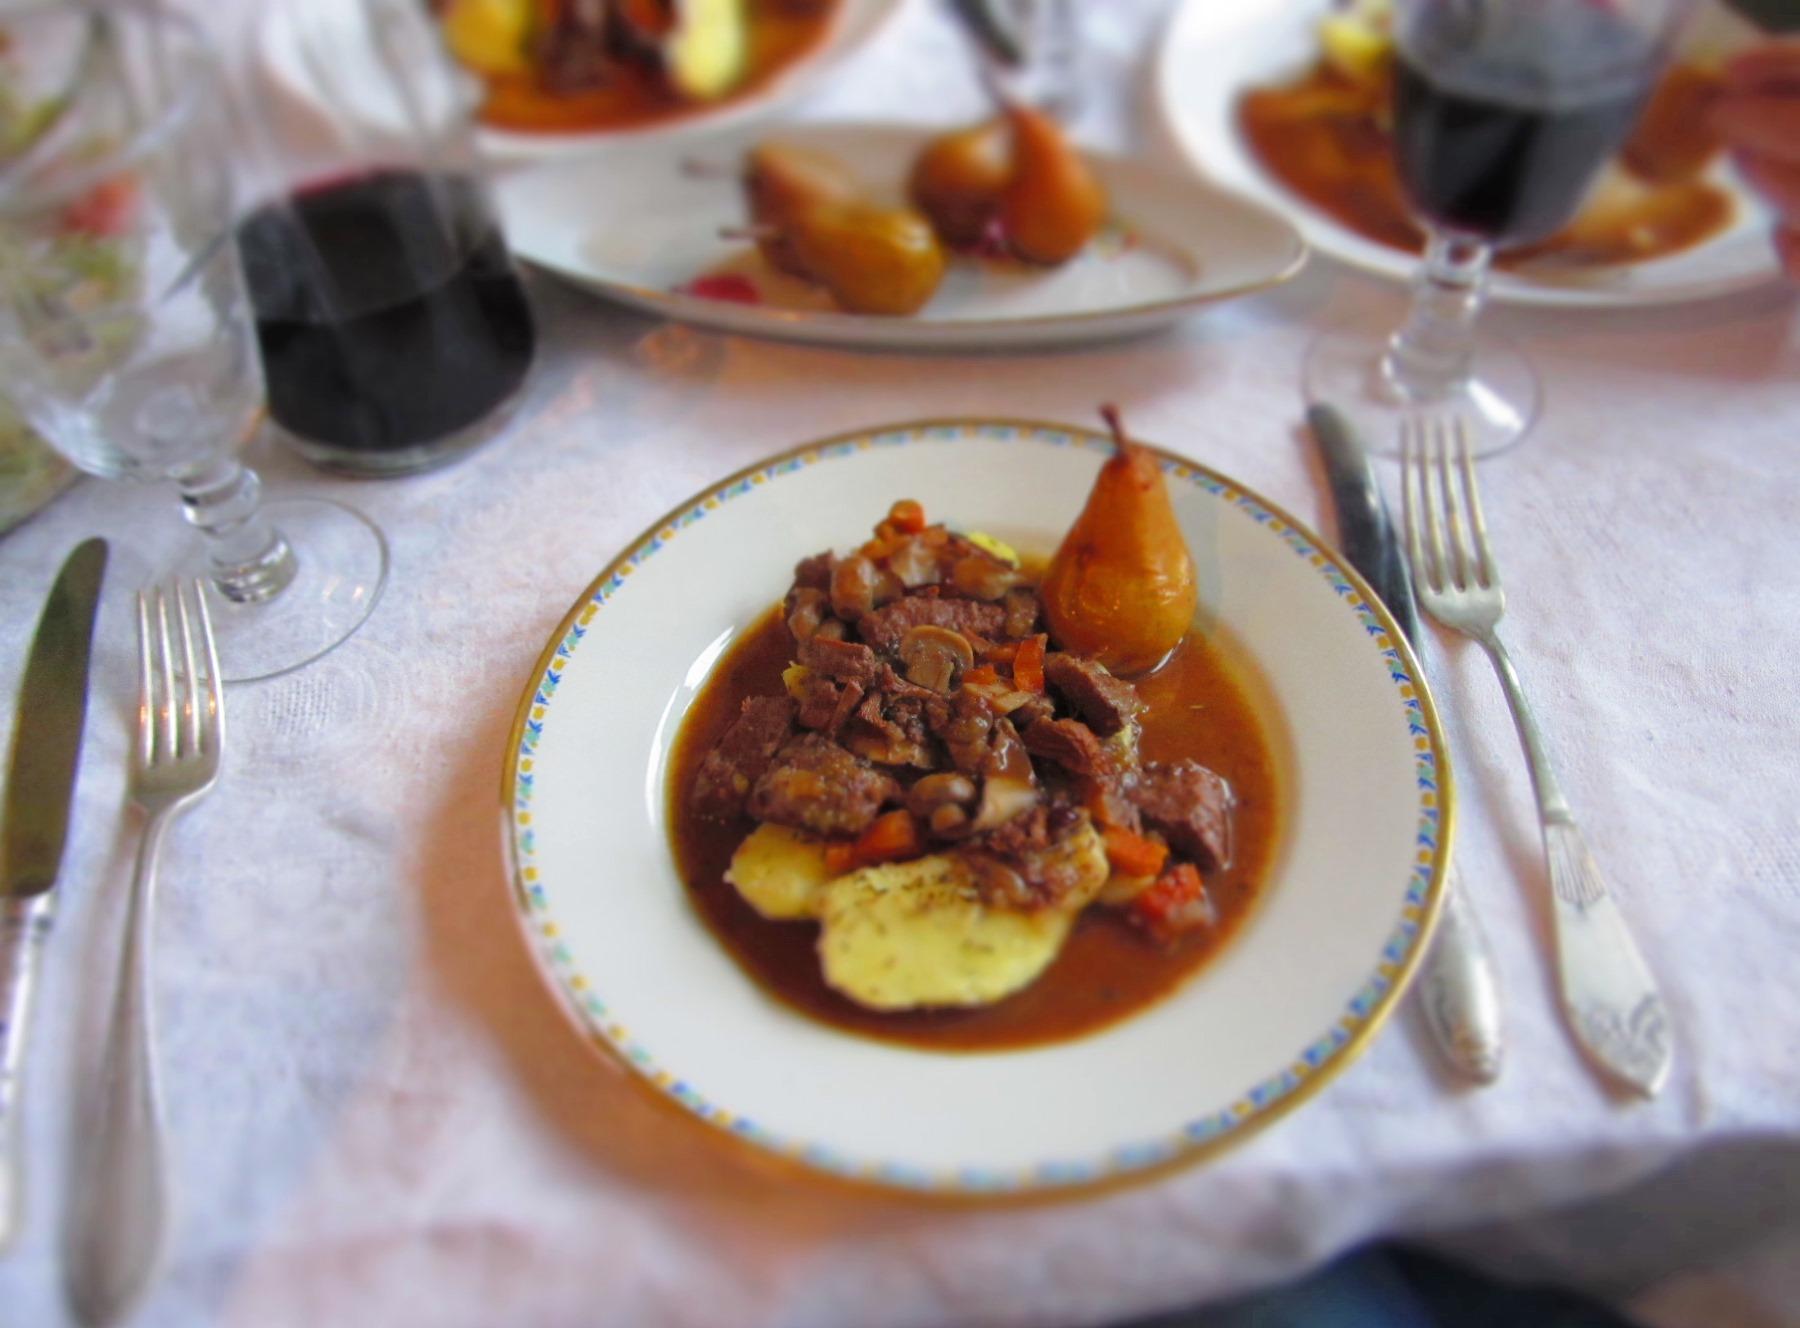 Brieža gaļas sautējums ar sēnēm, žāvētām dzērvenēm un jāņogu želeju